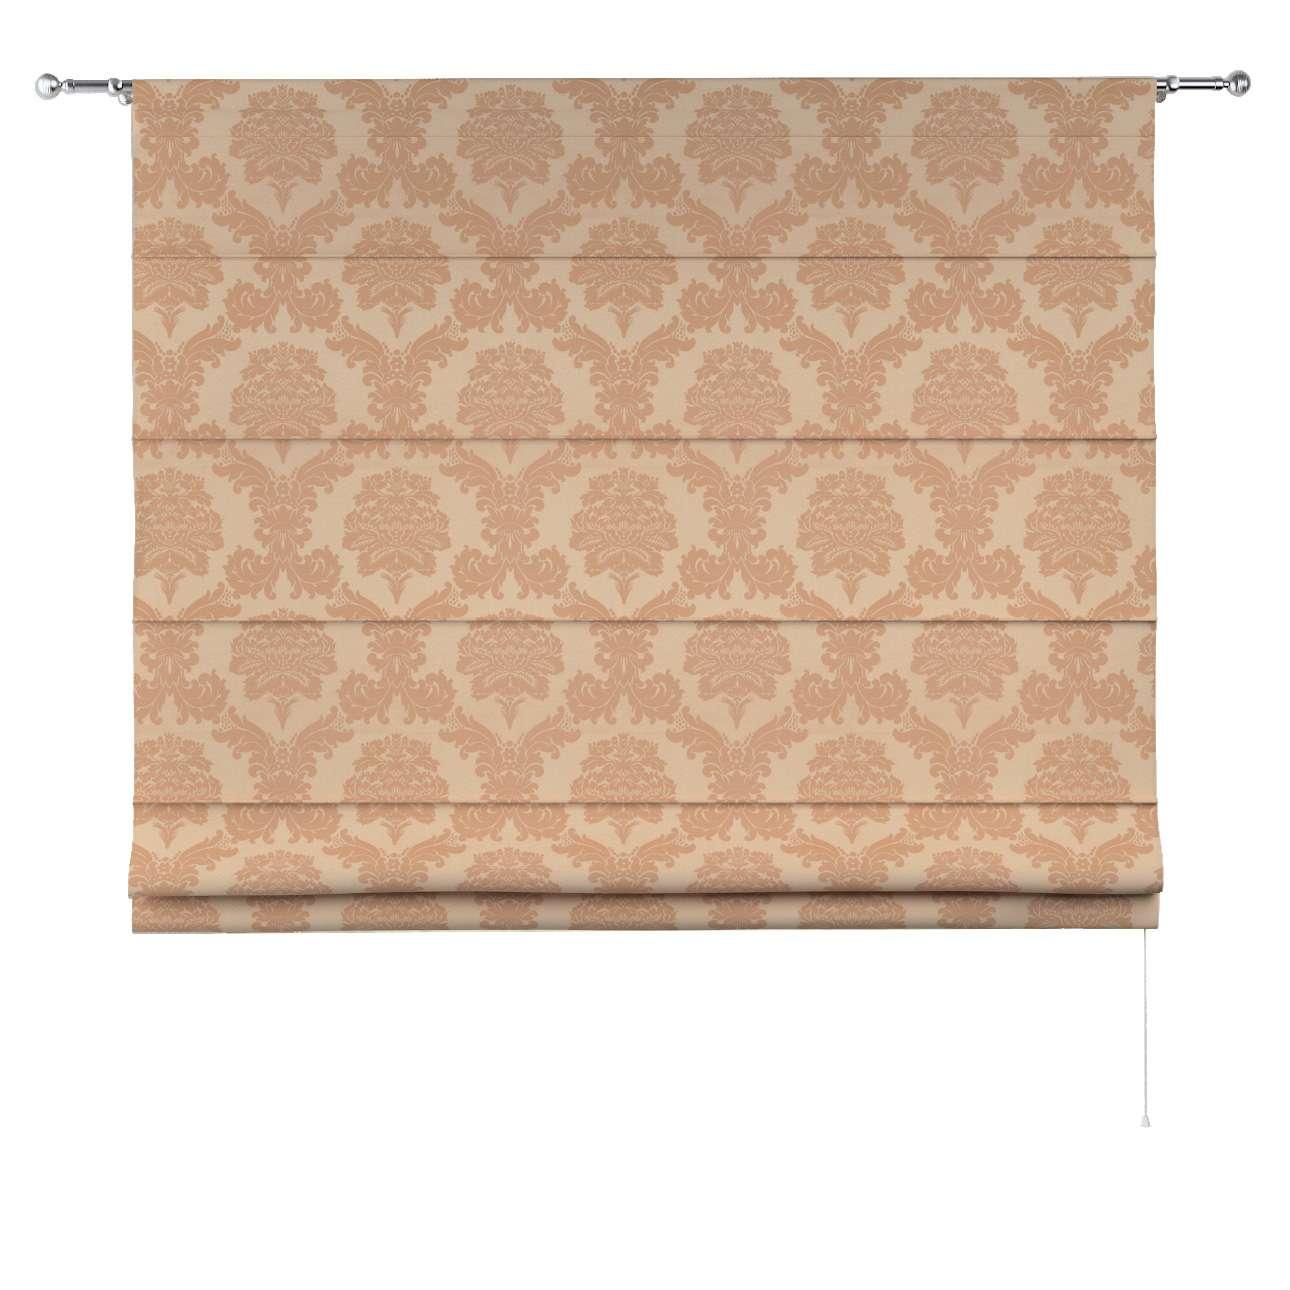 Roleta rzymska Torino w kolekcji Damasco, tkanina: 613-04